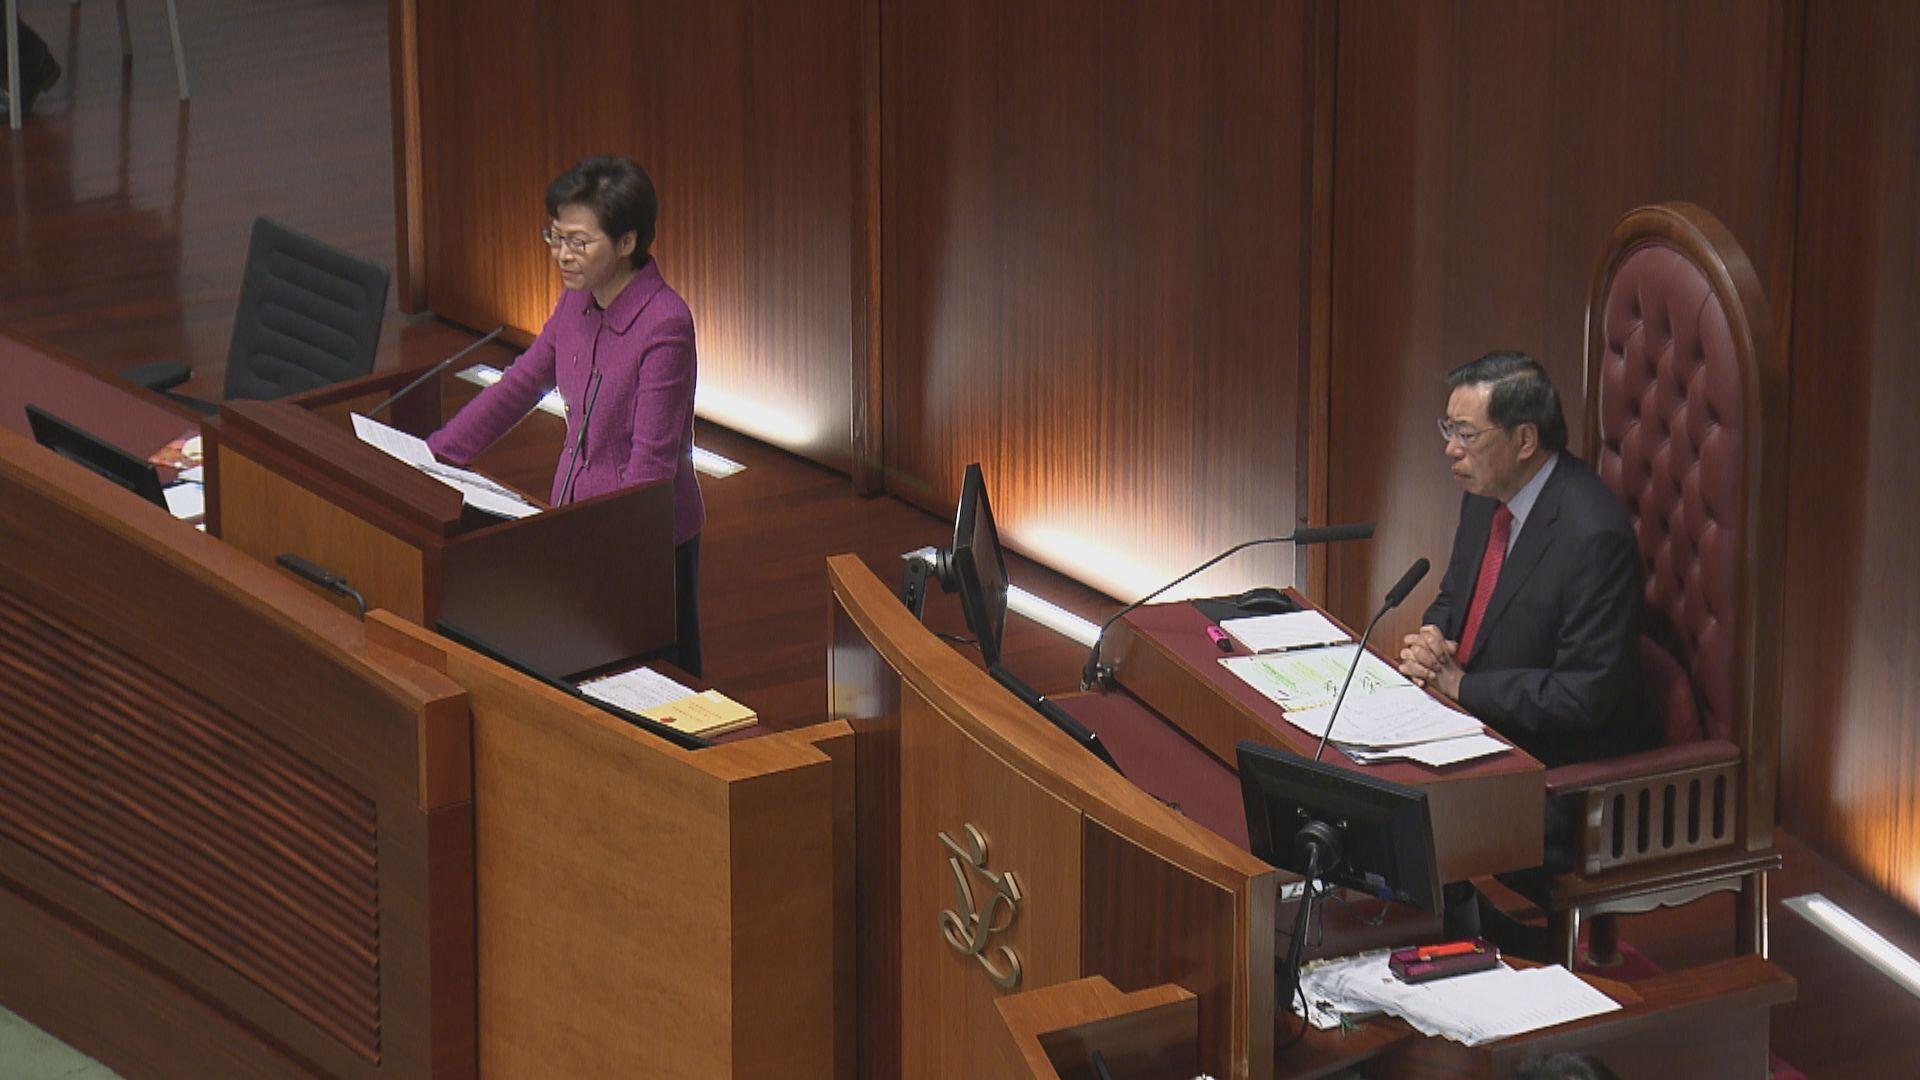 林鄭:新制下市民可透過防火滅罪委員會等反映意見